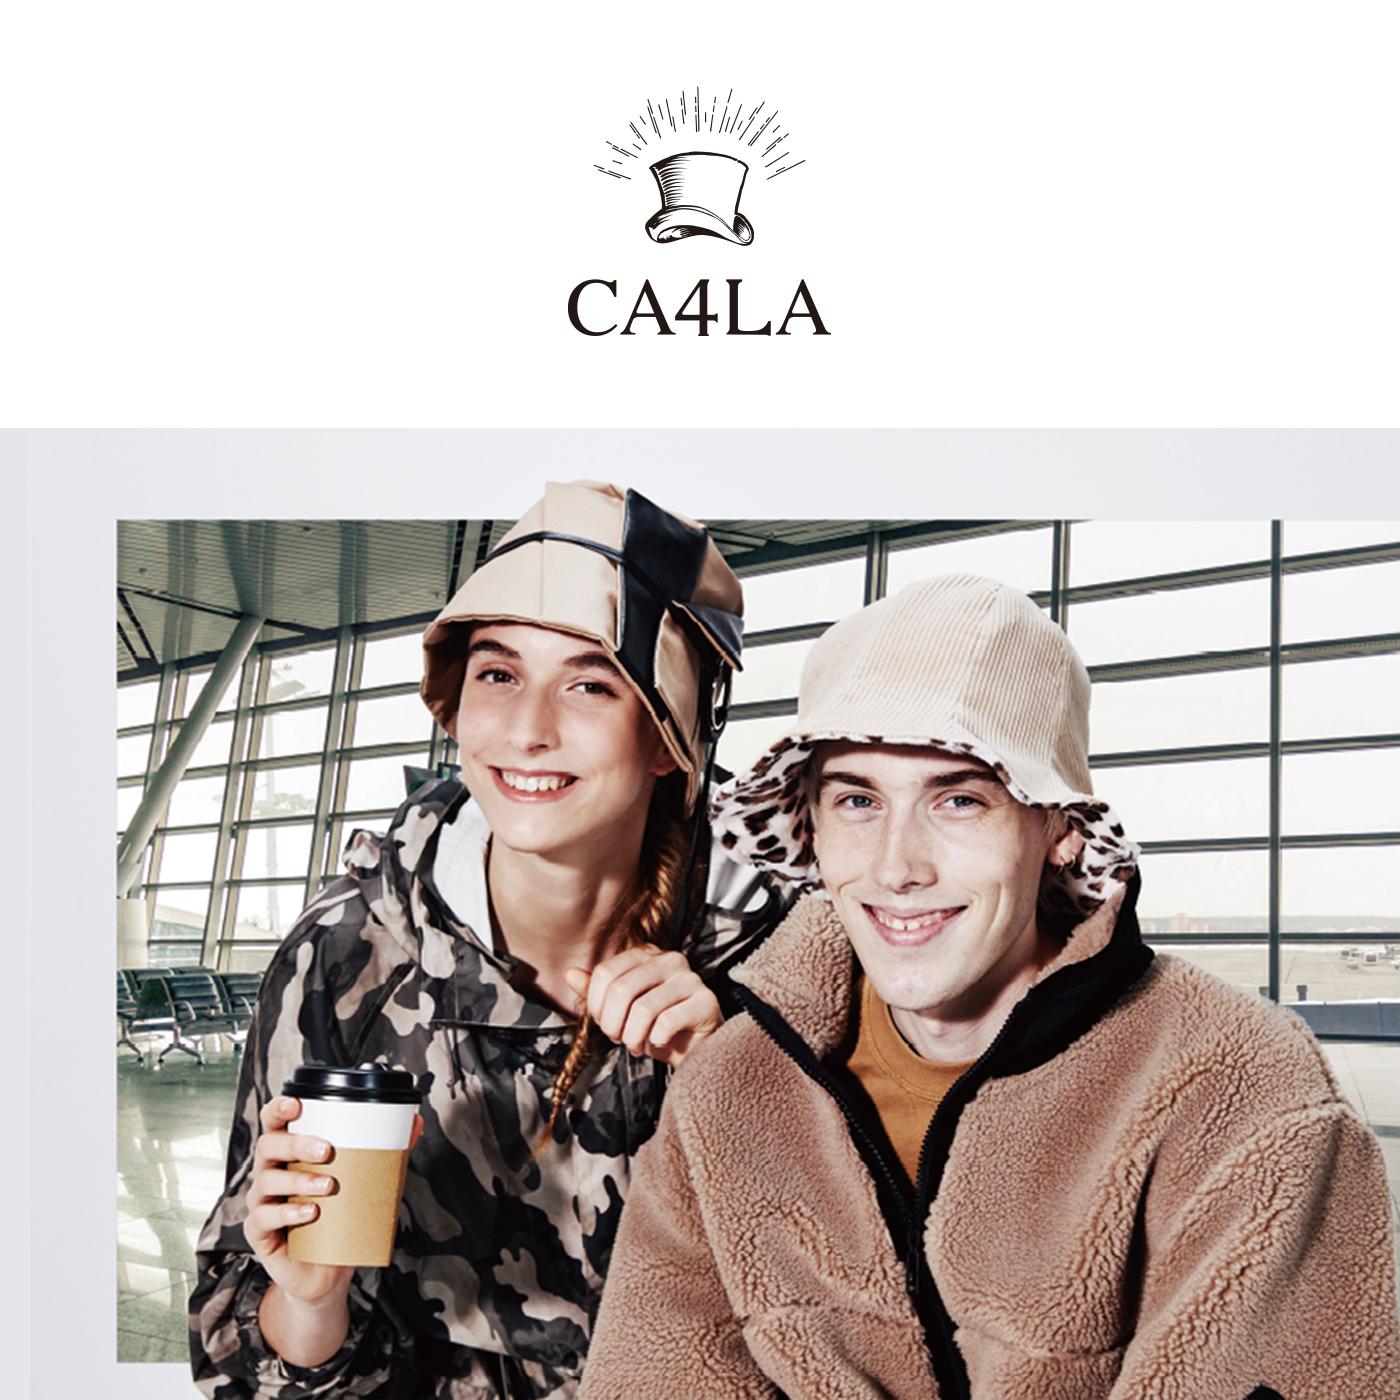 ca4la,ca4la台灣,ca4la漁夫帽,ca4la髮帶,ca4la代購,ca4la台灣限定